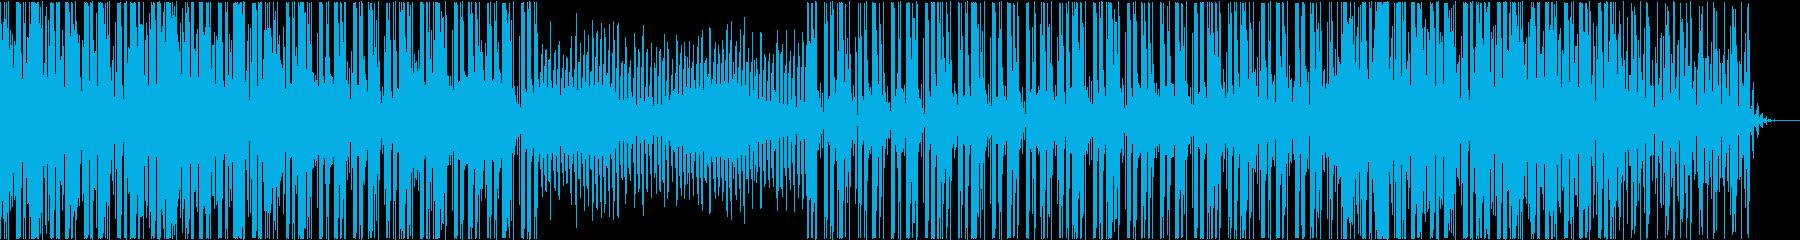 感慨 瞑想 空想 カオス 事件 報道の再生済みの波形